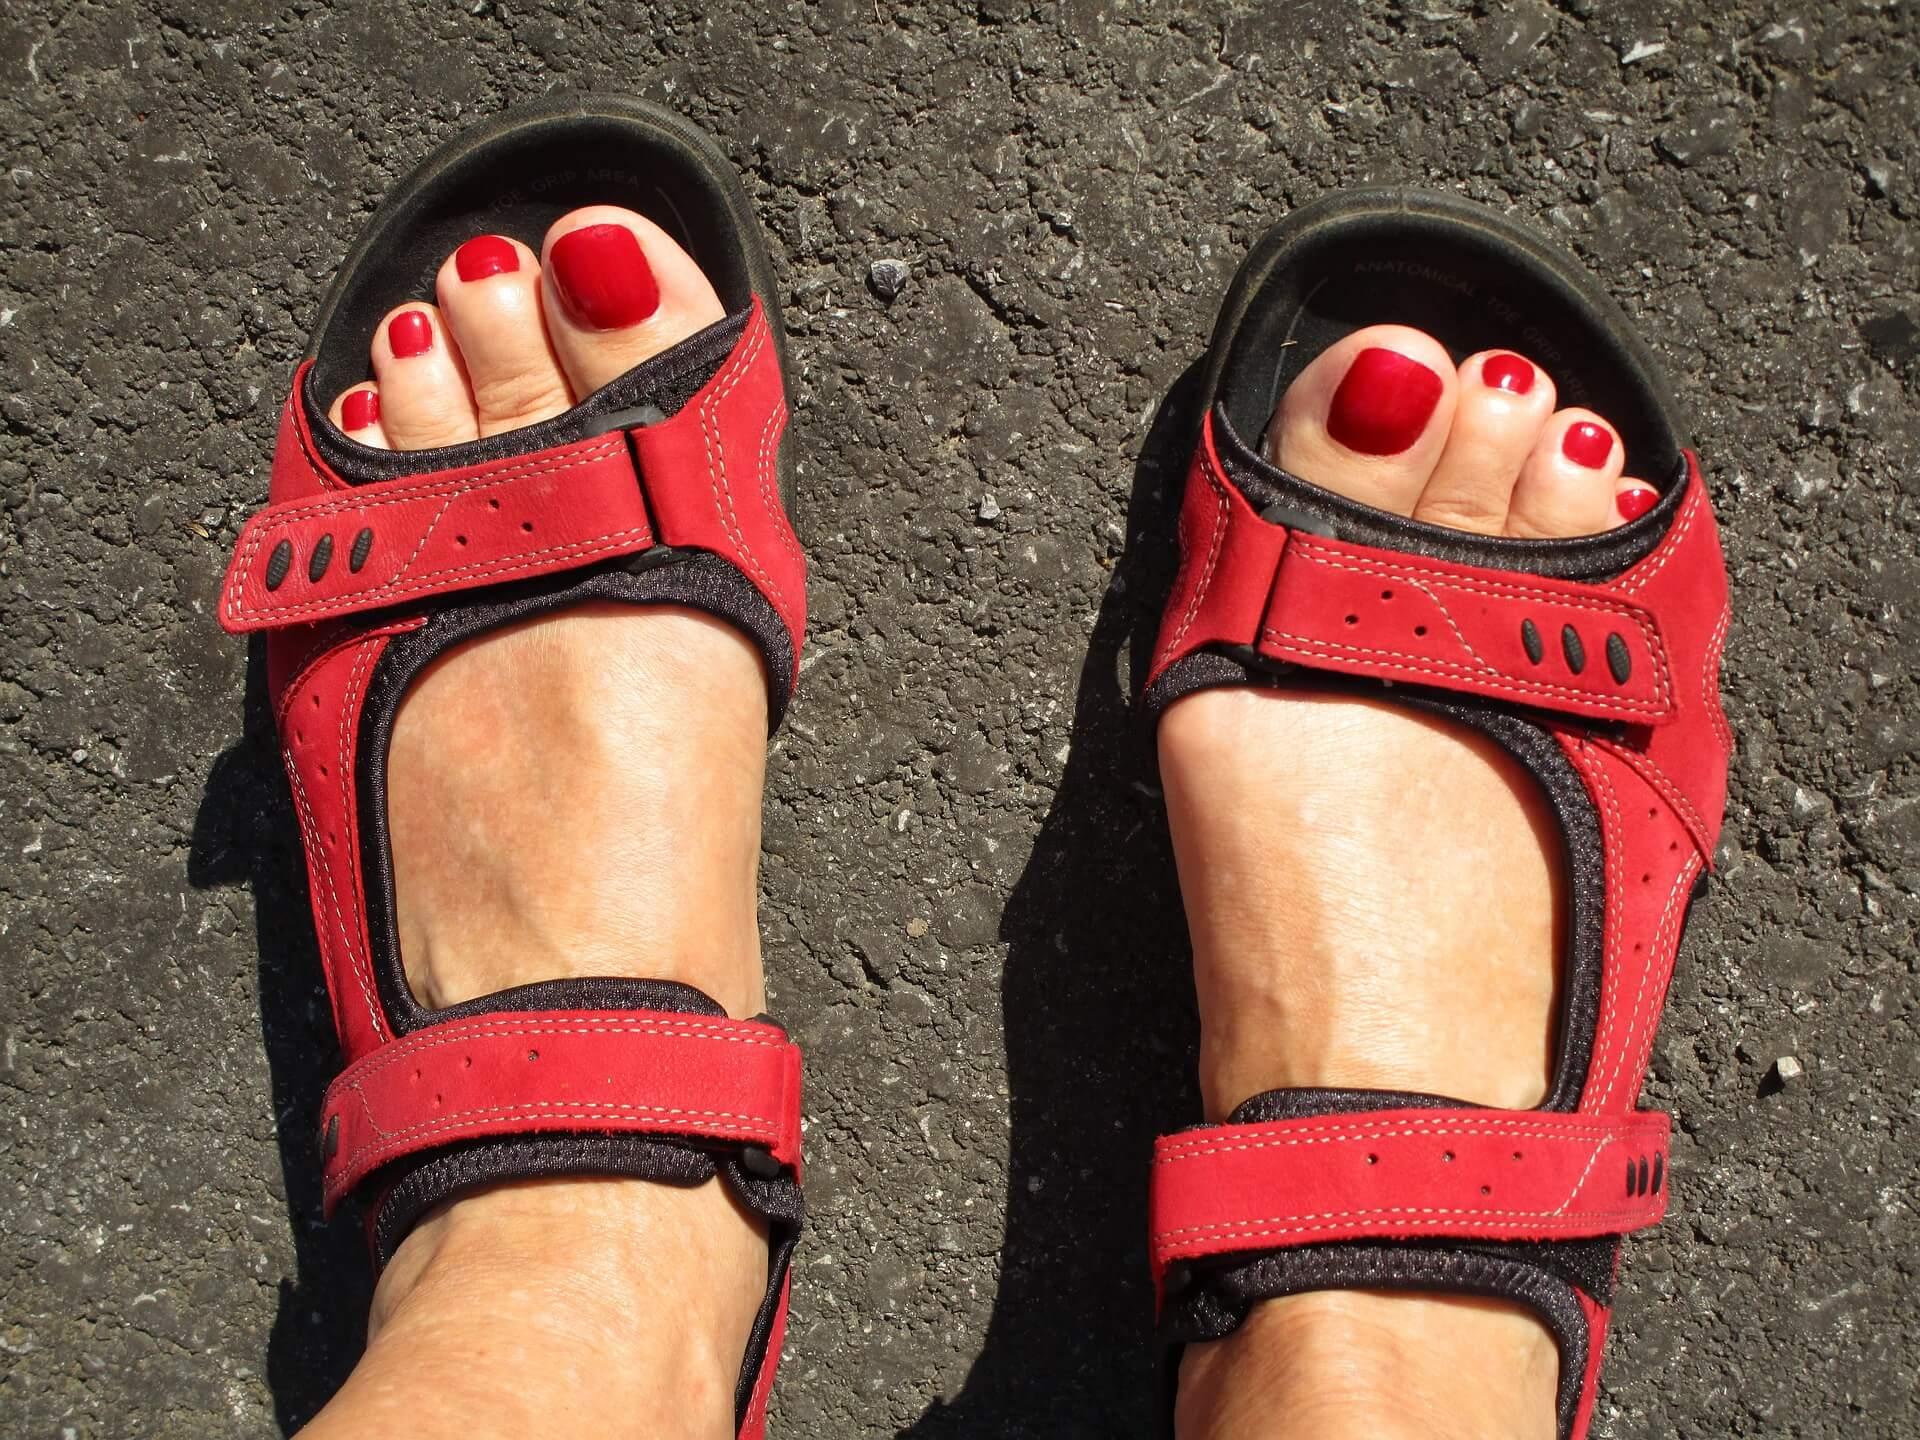 רגליים מטופחות בקיץ